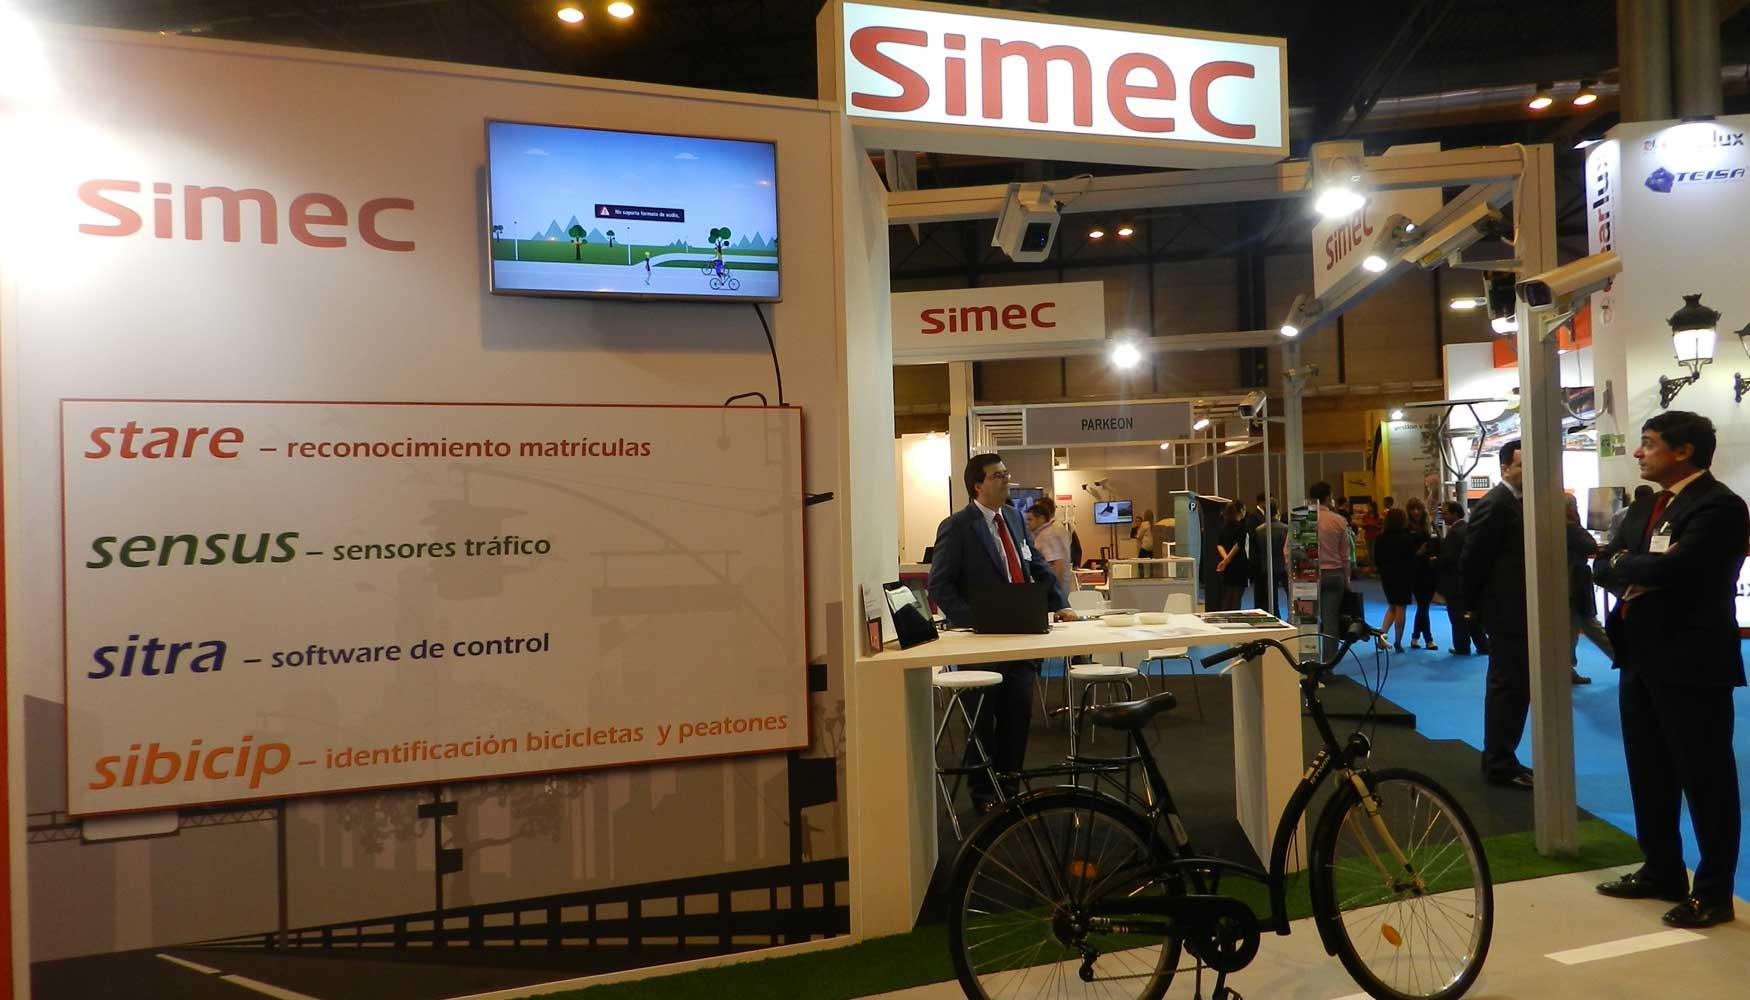 La tecnolog a m s avanzada para la movilidad segura y for Tecnologia sostenible